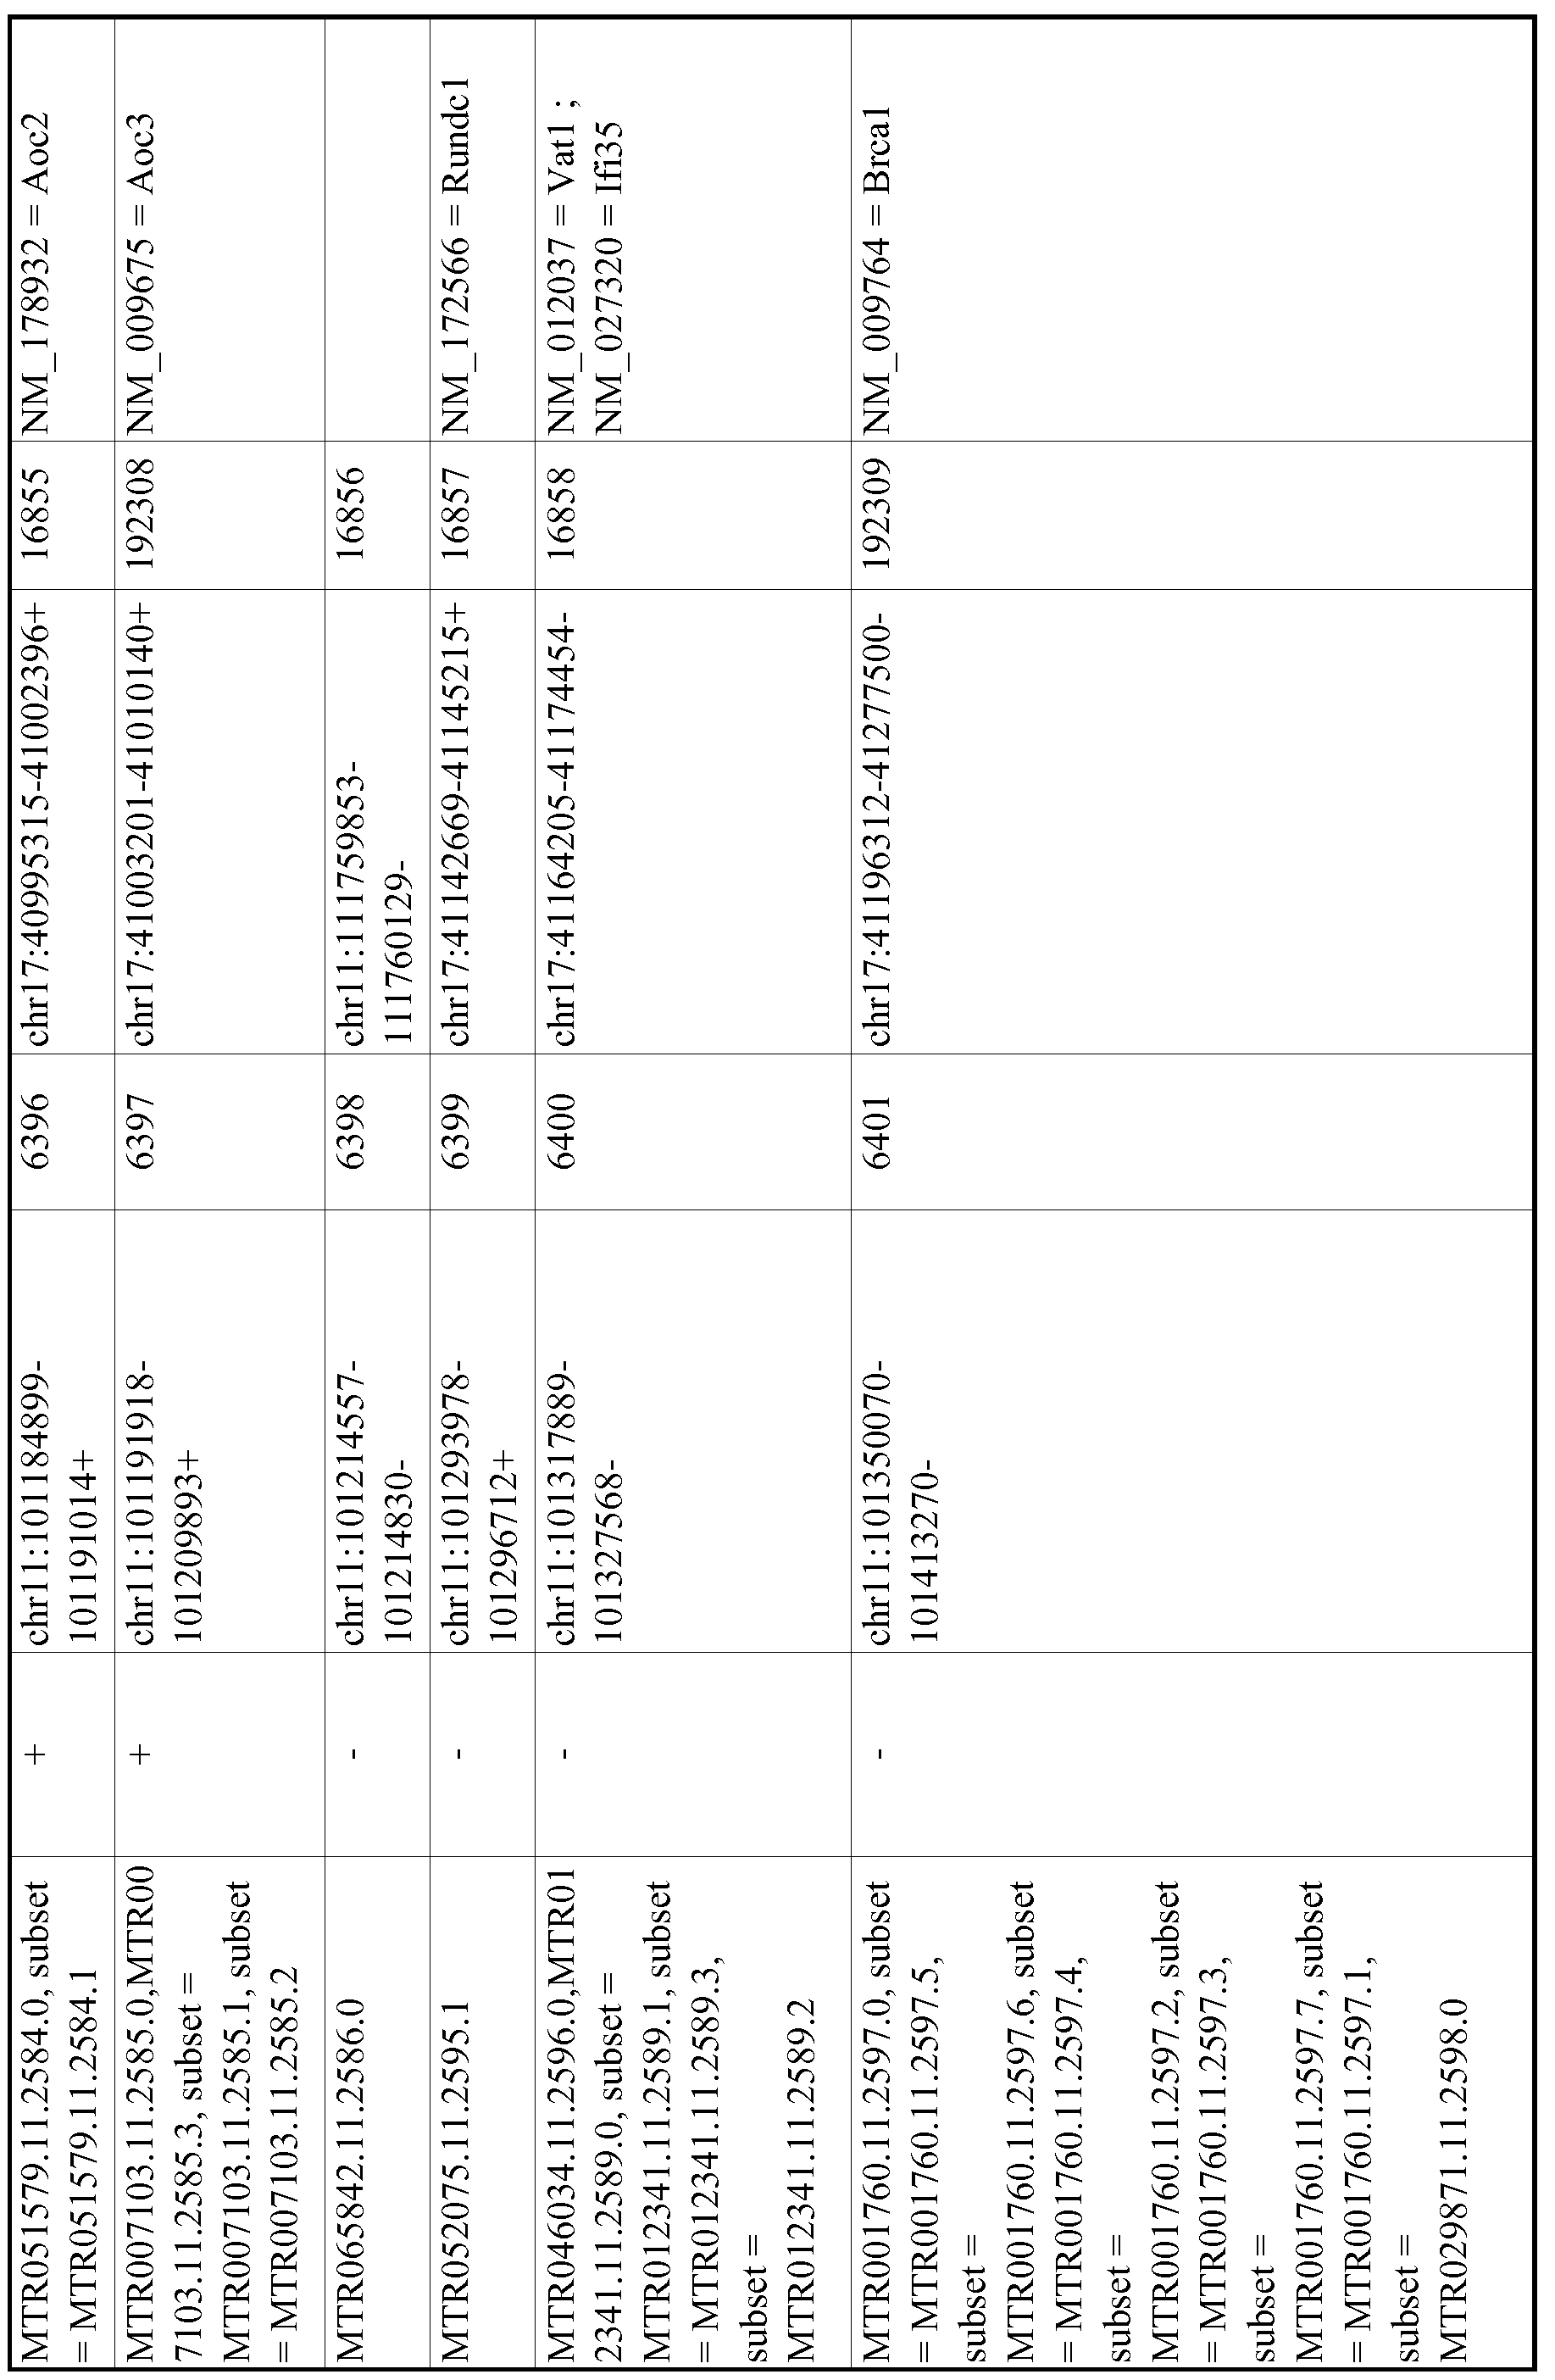 Figure imgf001148_0001